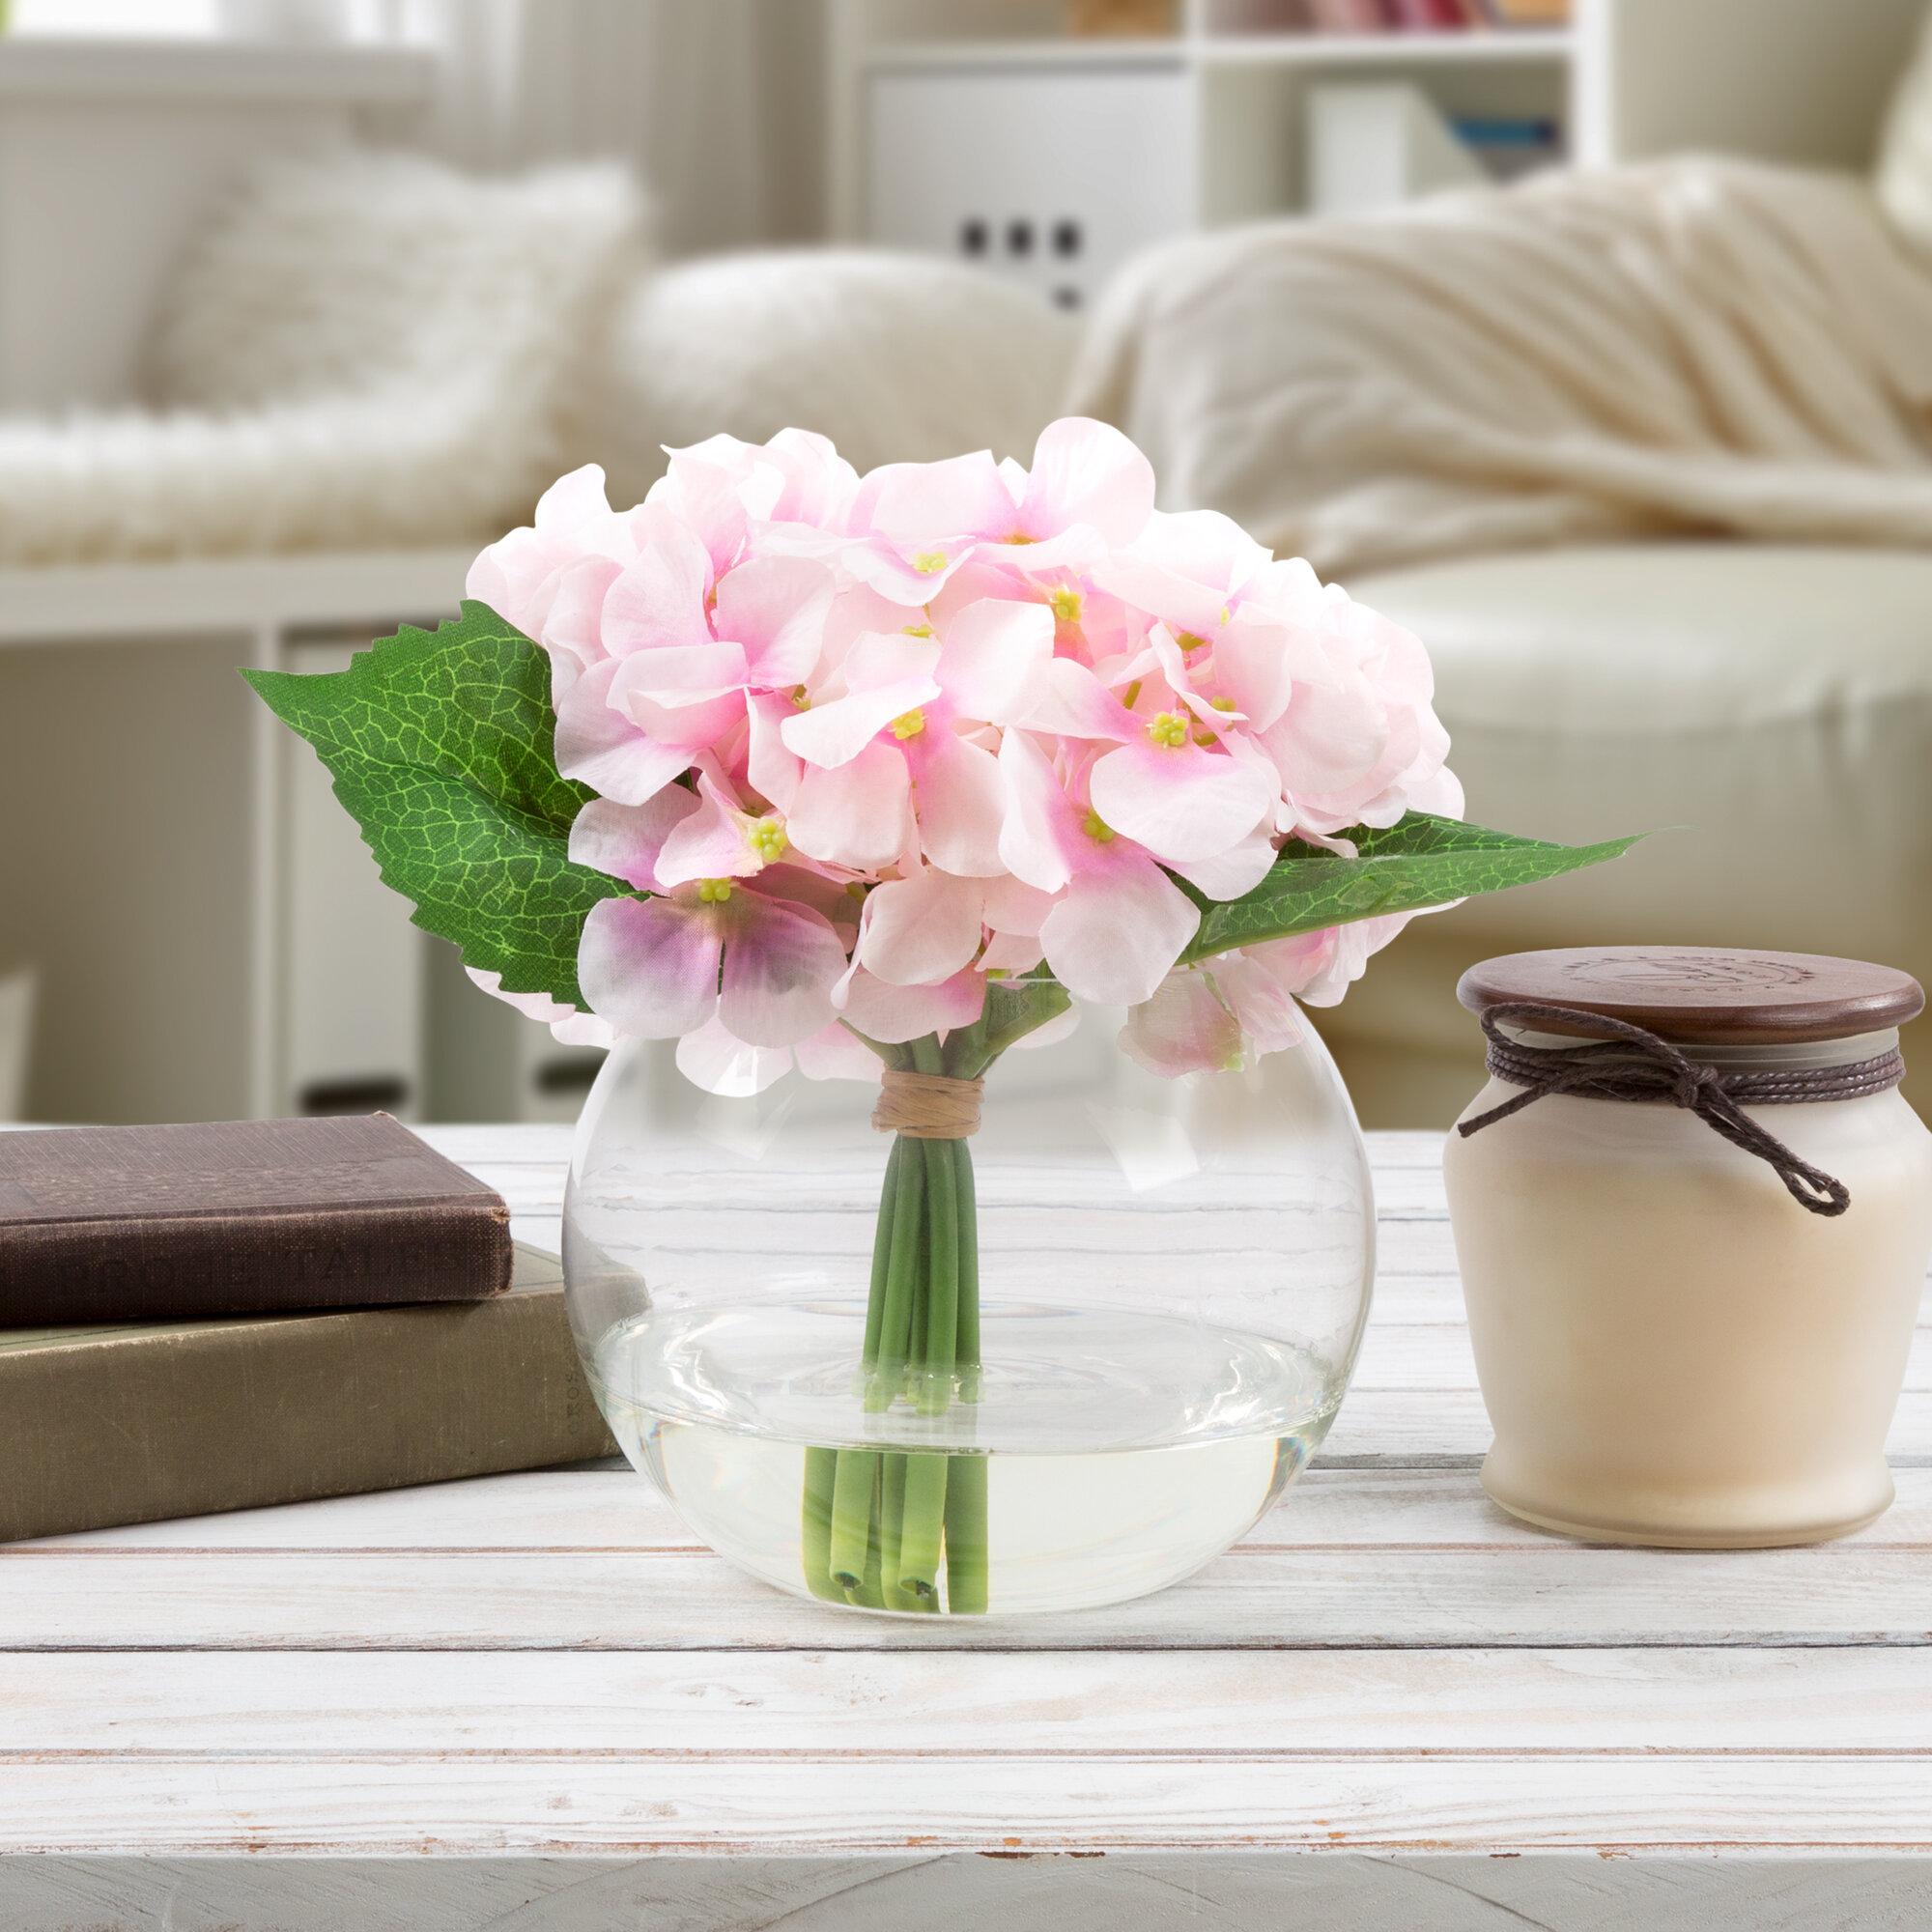 Hydrangeas Floral Arrangement In Glass Vase